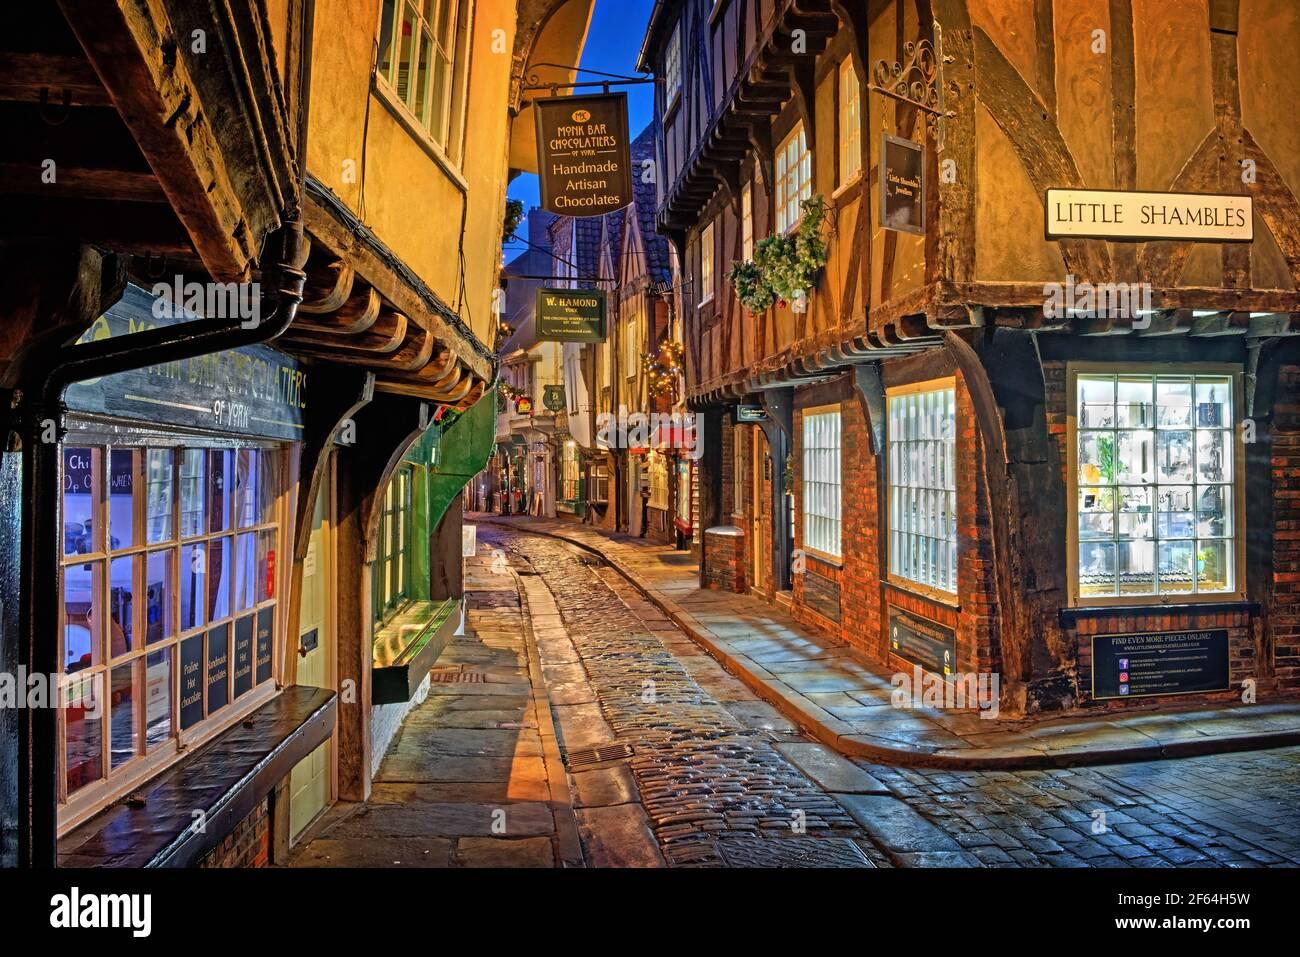 Regno Unito, North Yorkshire, York, gli Shambles di notte Foto Stock